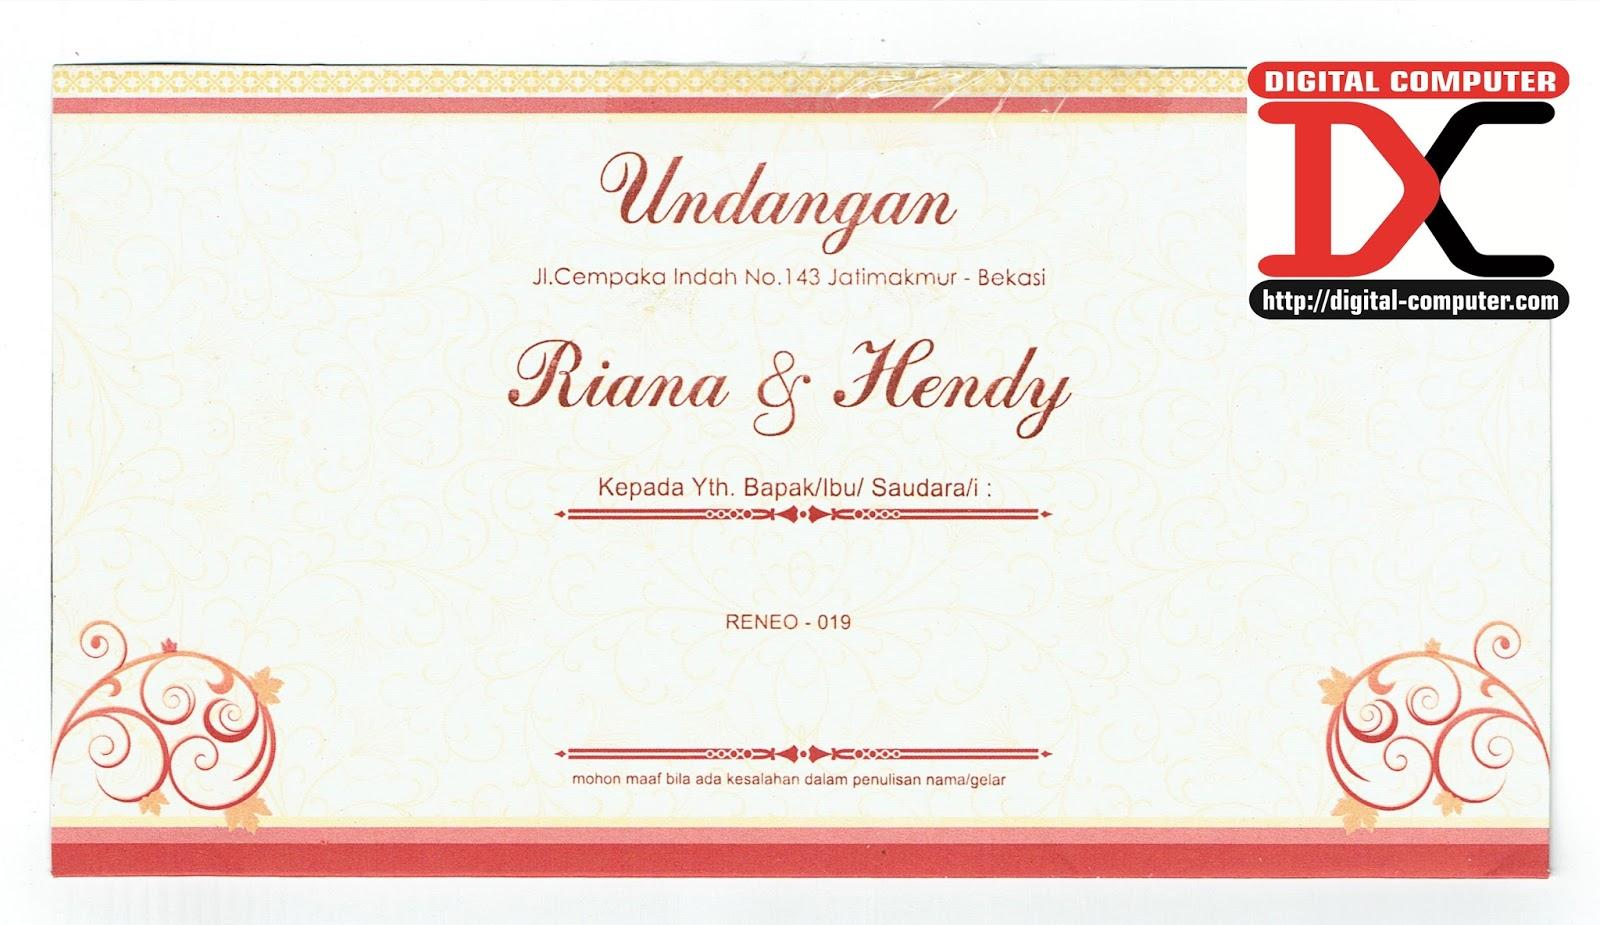 undangan pernikahan harga 2800 rupiah